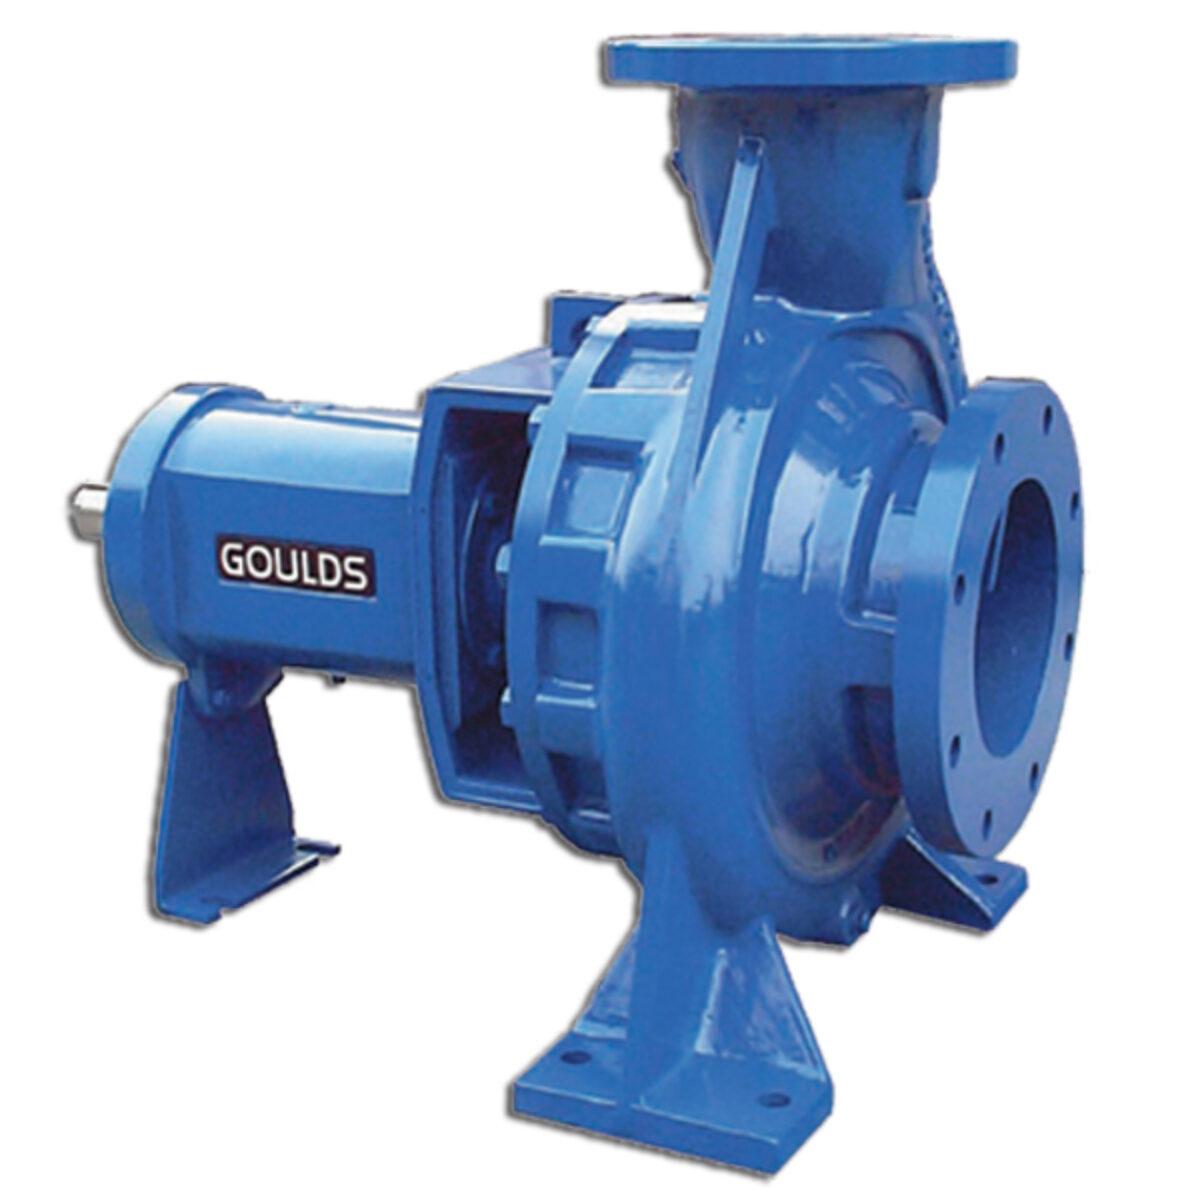 Kelair Pumps Australia   GIS Series End Suction Pumps